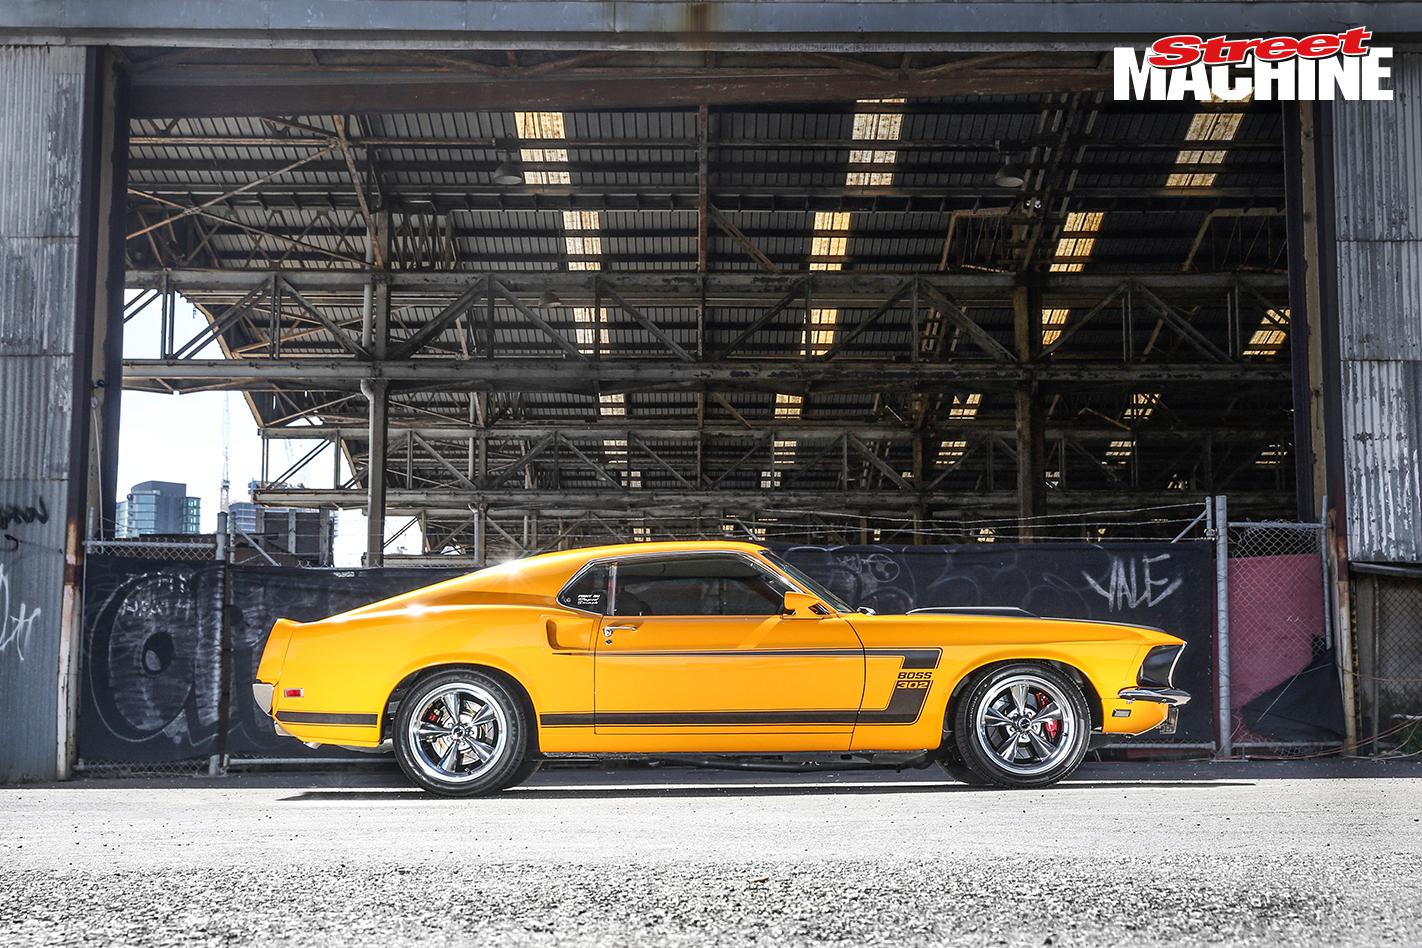 69 Mustang Pro Touring